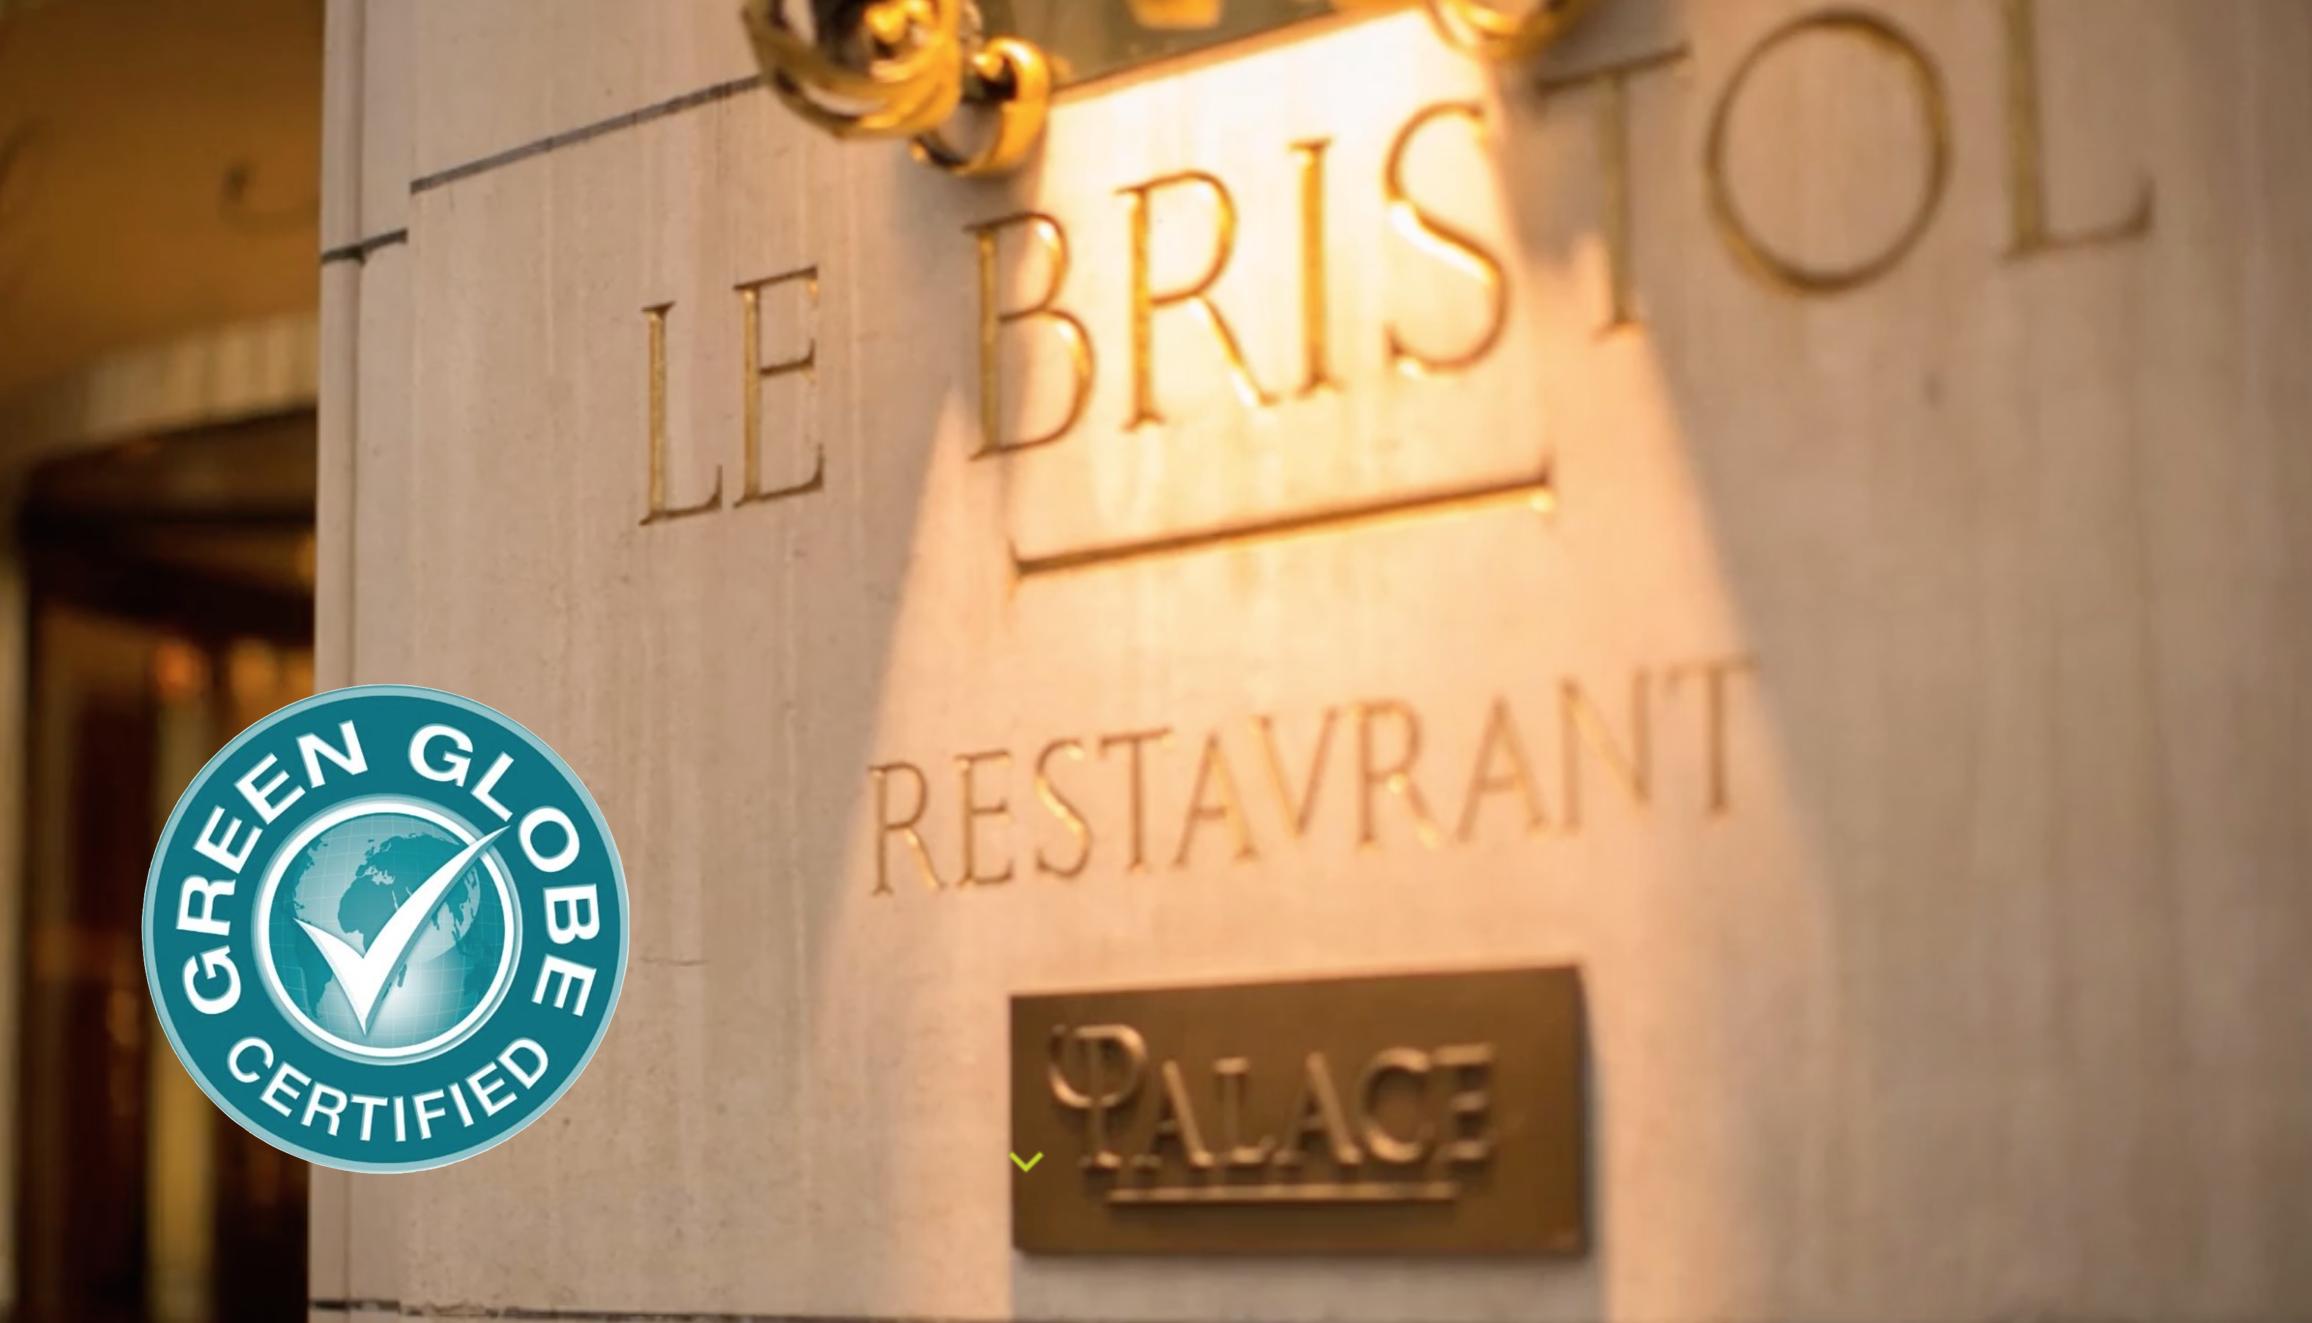 Hôtellerie de luxe : Le Bristol Paris obtient la certification Green Globe